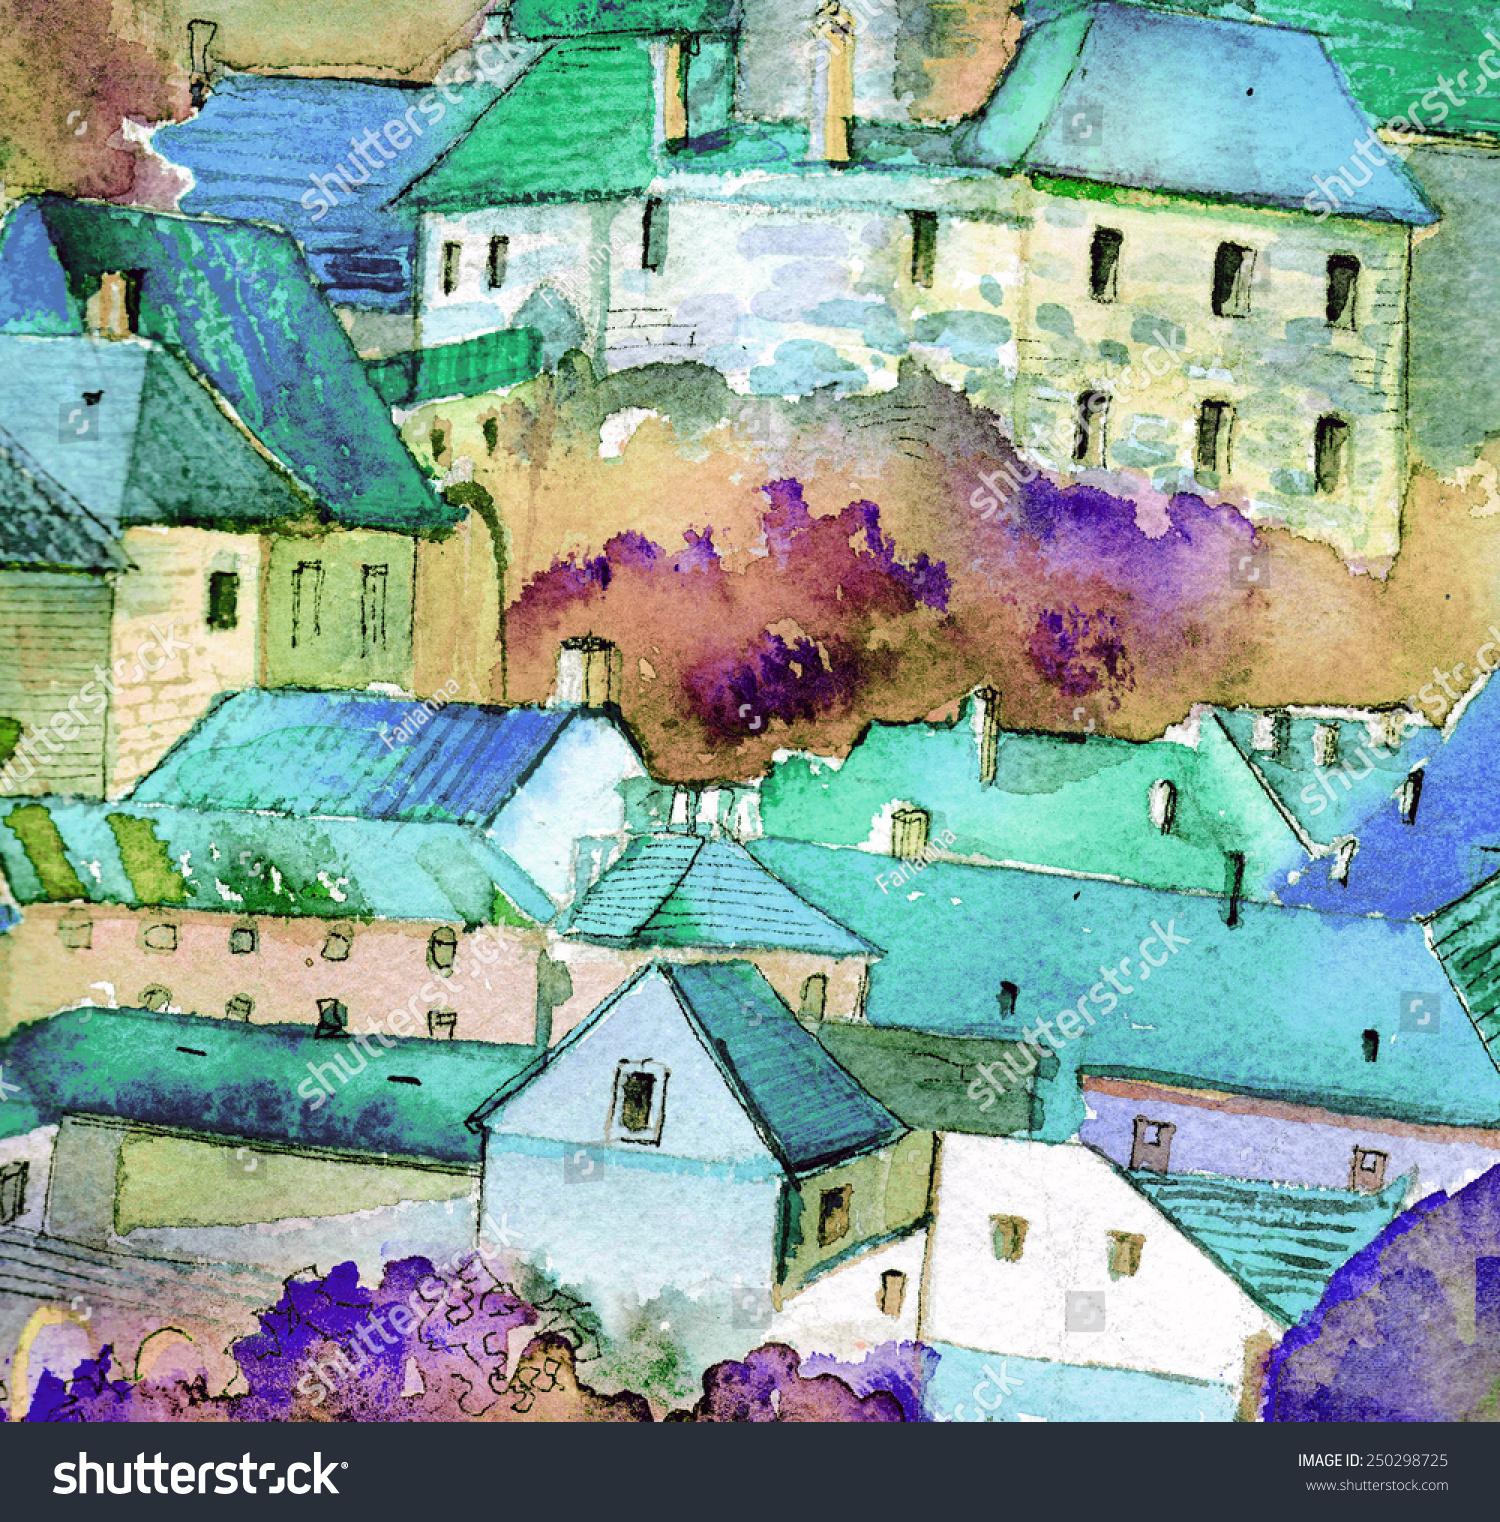 美丽的捷克欧洲小镇手绘油画水彩插图海报丙烯酸绘画